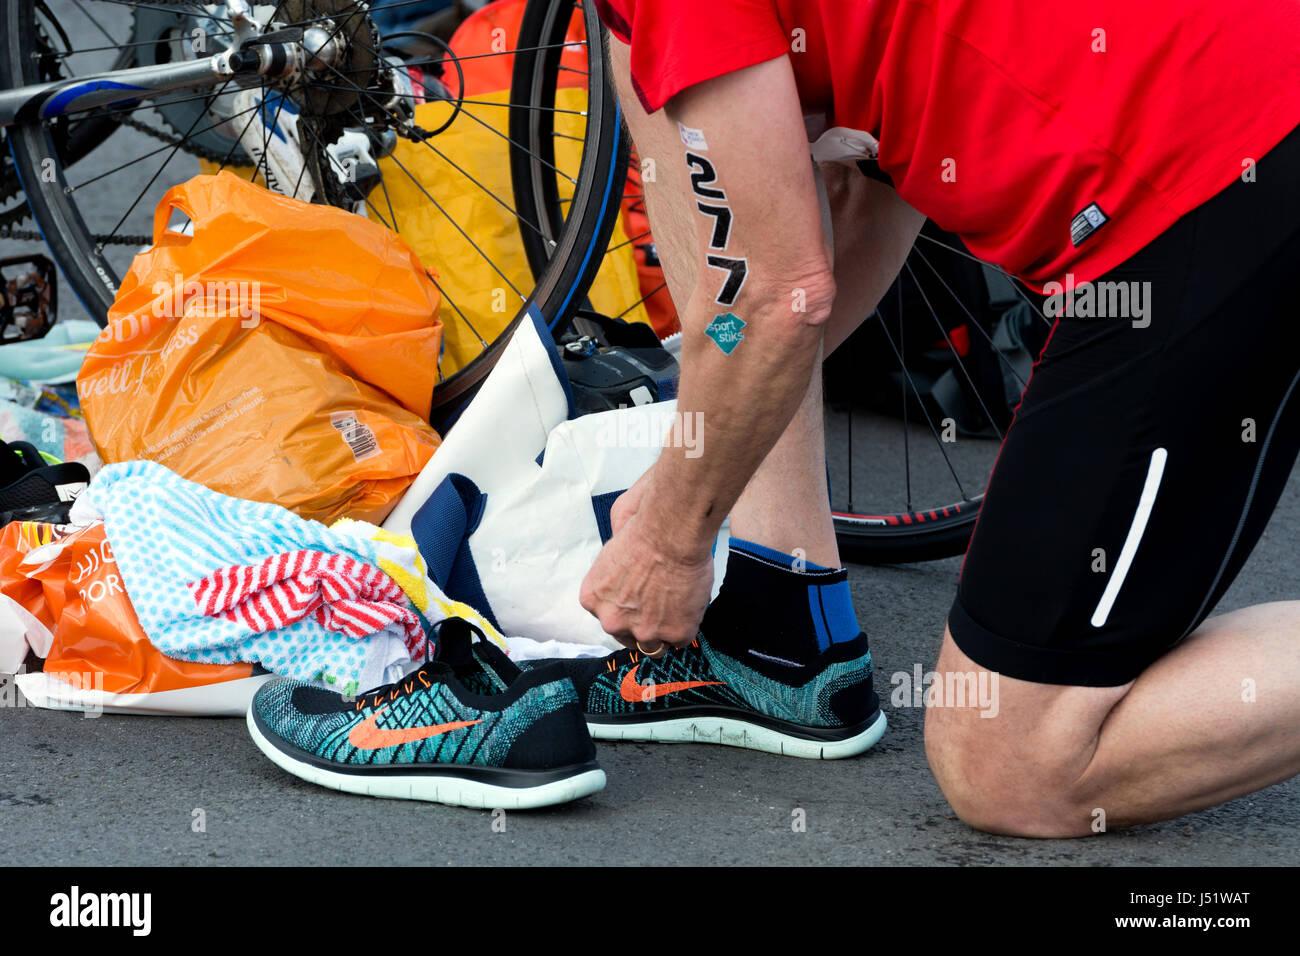 Su Scarpe Running NikeArea Maschile Da Mettendo Di Concorrente jRLA354